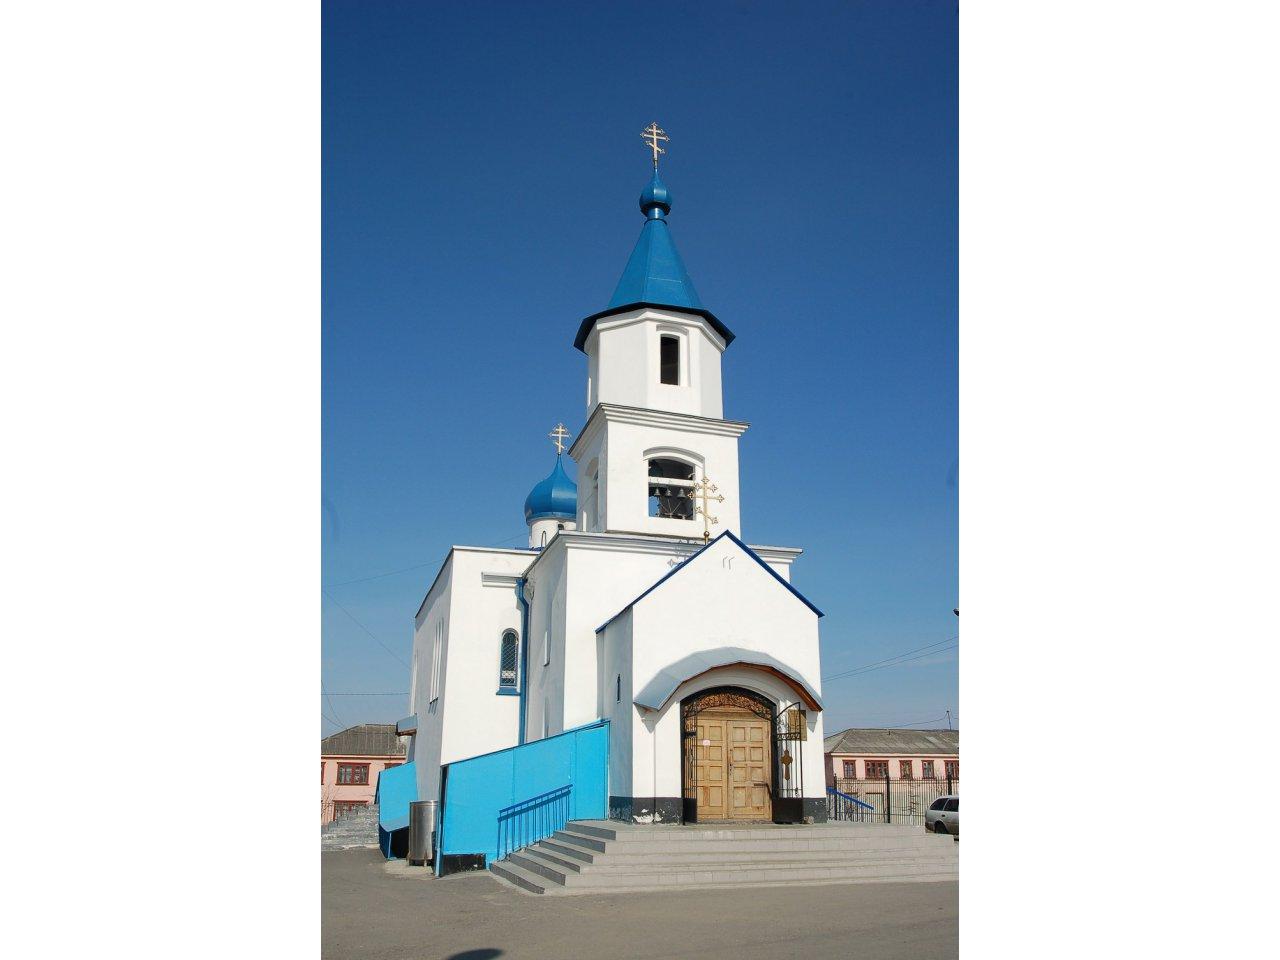 Церковь Сошествия Святого Духа в Магадане 2